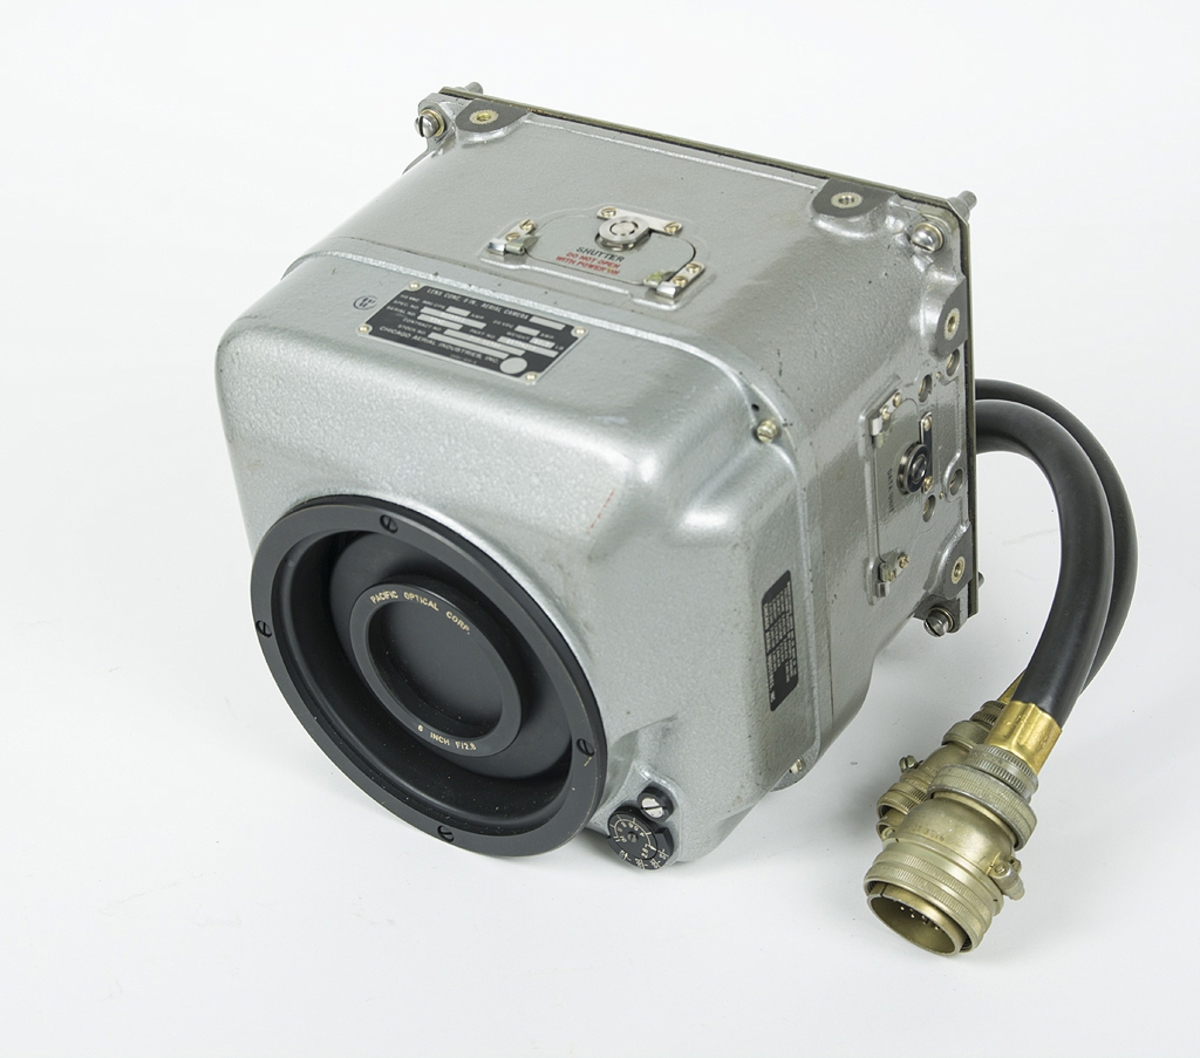 Kamera LA-130A.